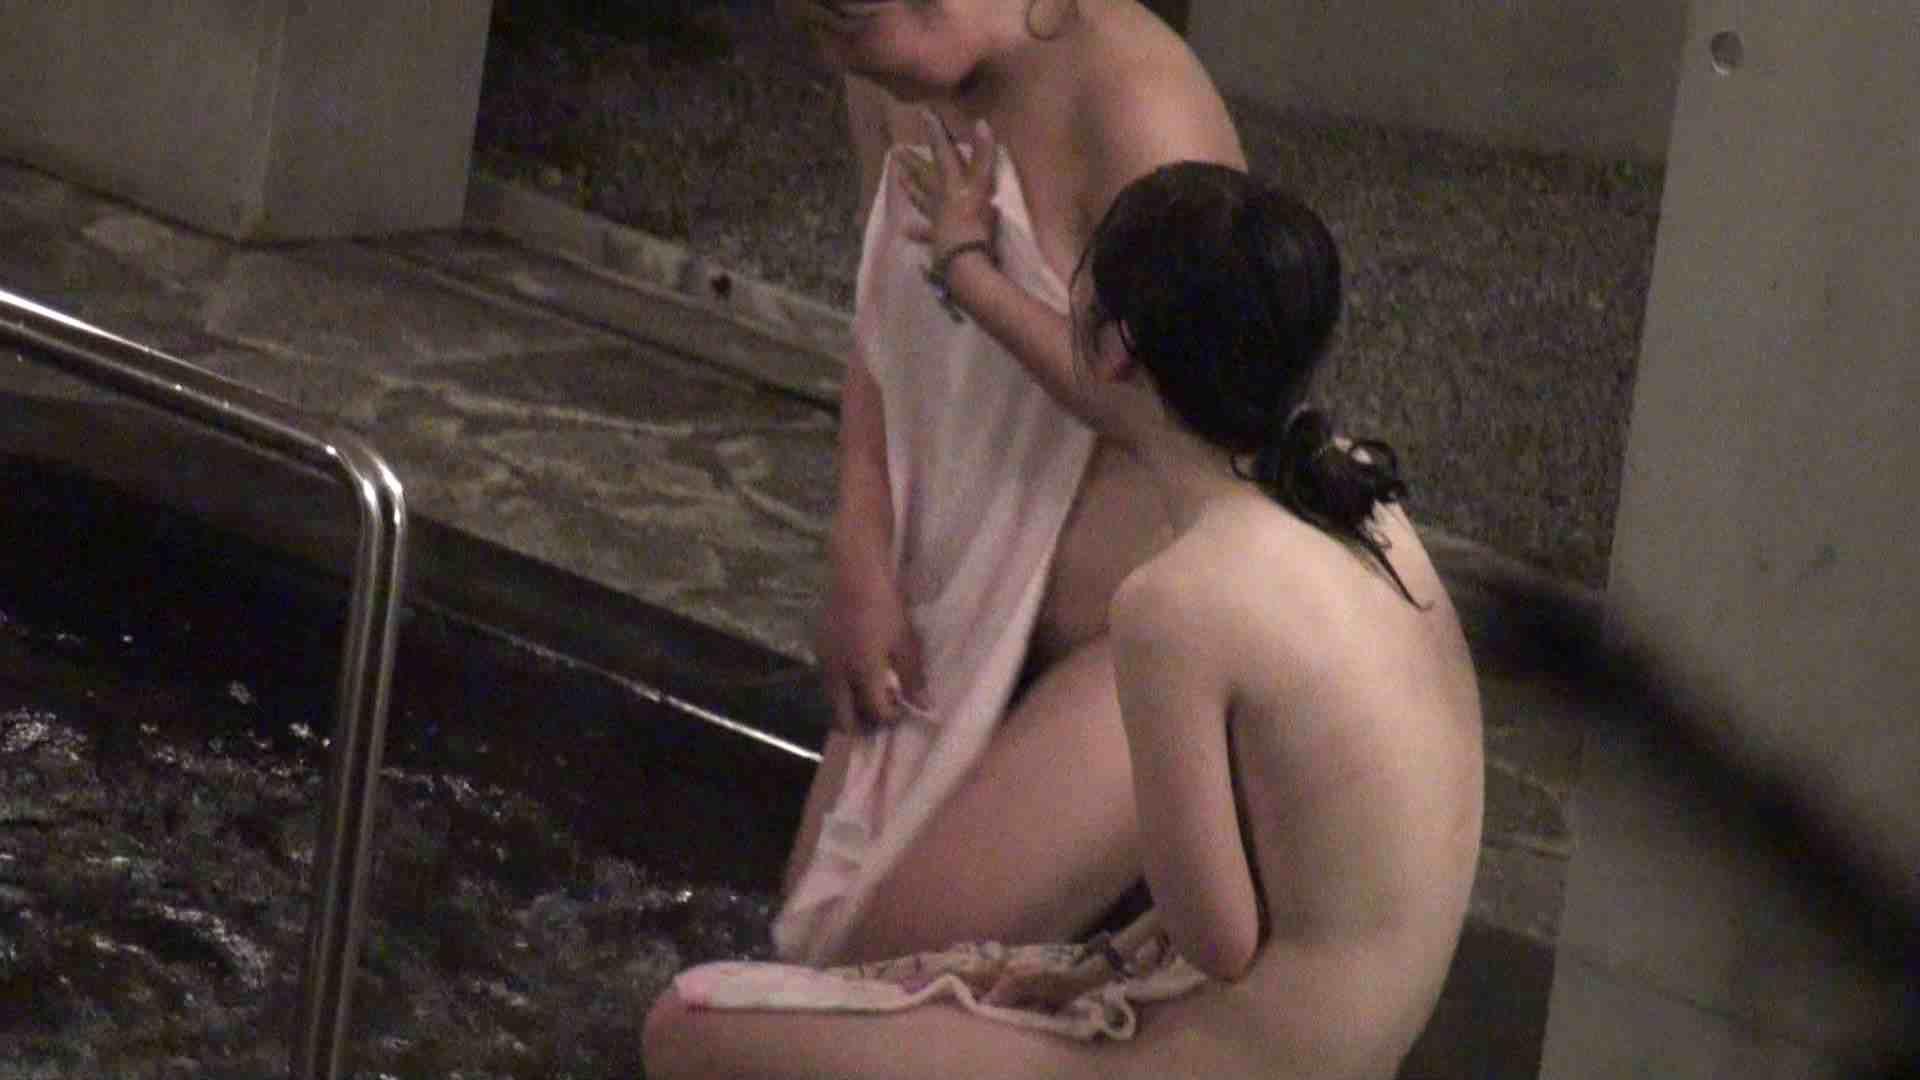 Aquaな露天風呂Vol.382 OLエロ画像  78PICs 18